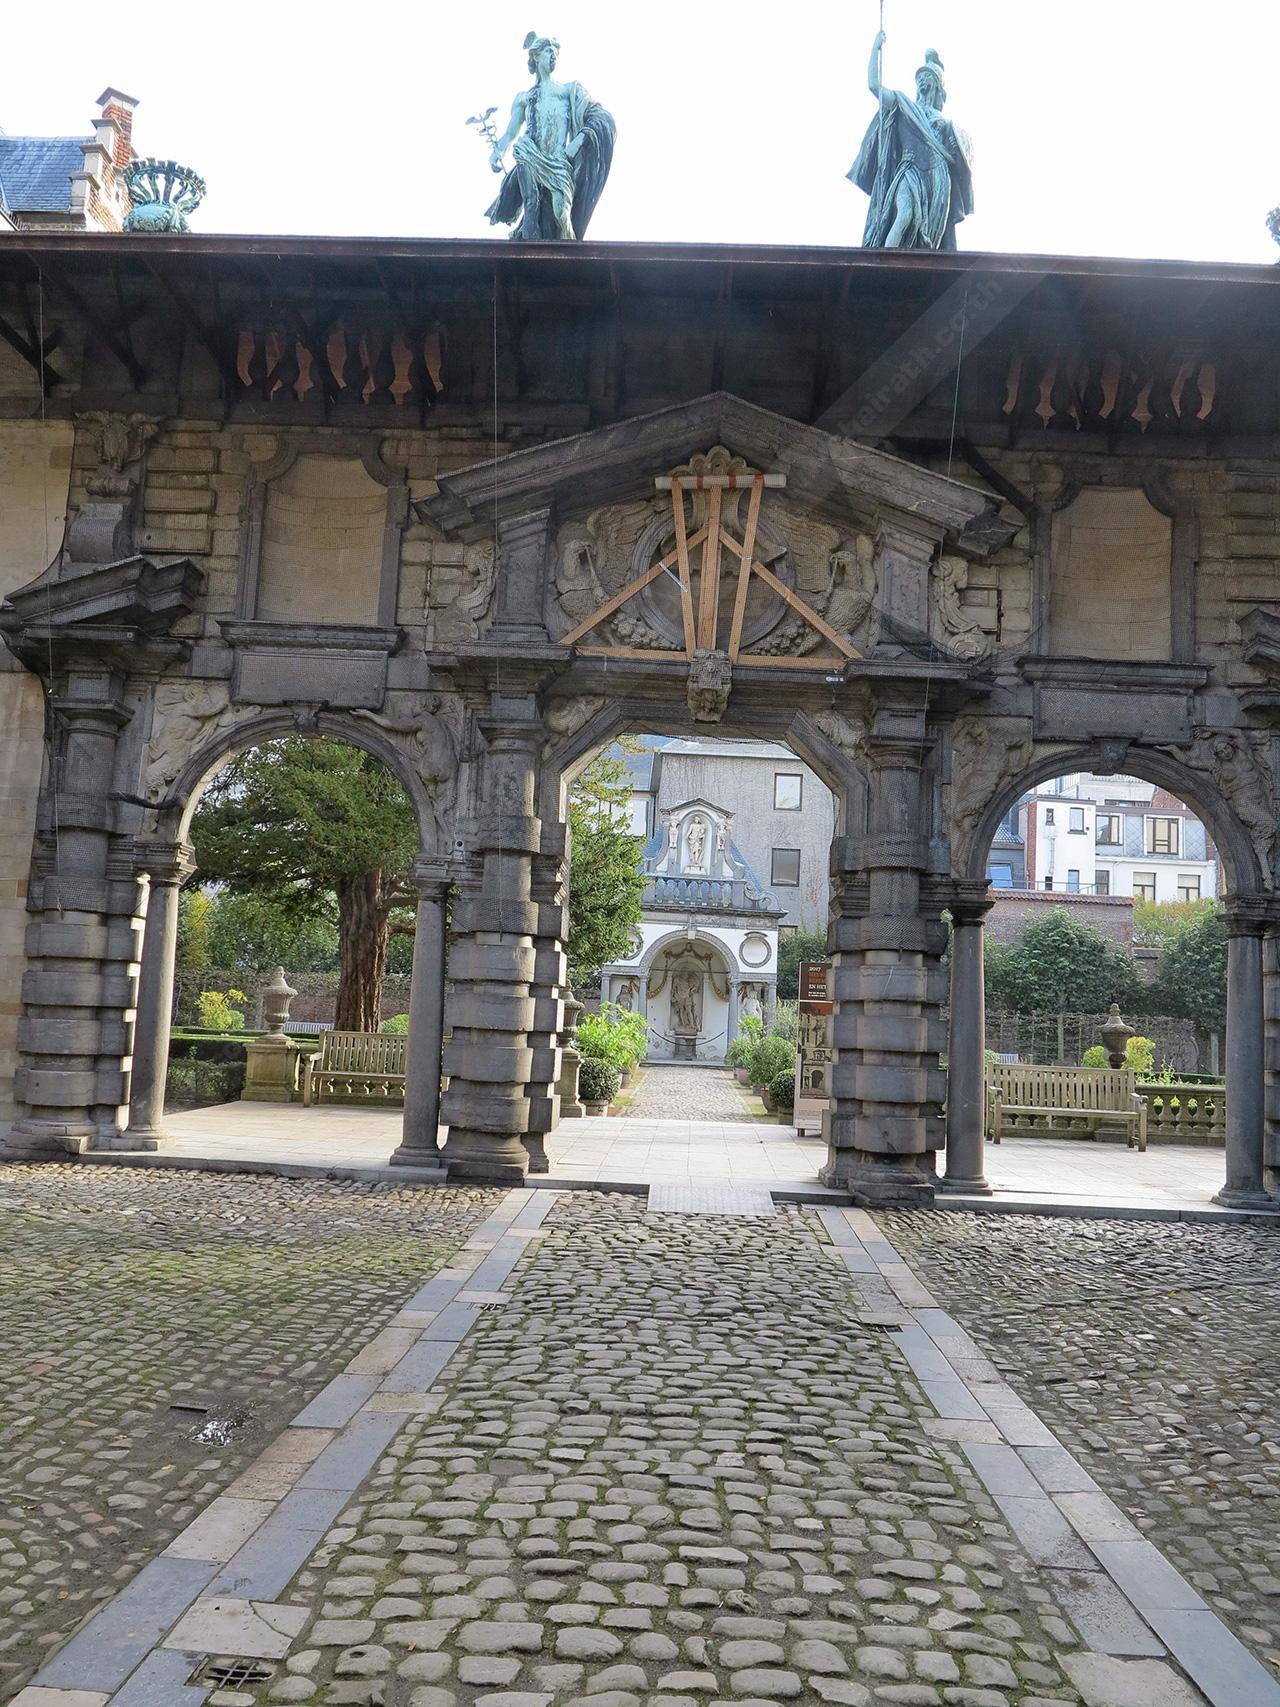 ประตูใหญ่และทางเดินไปยังสวนหลังบ้านของรูเบนส์.